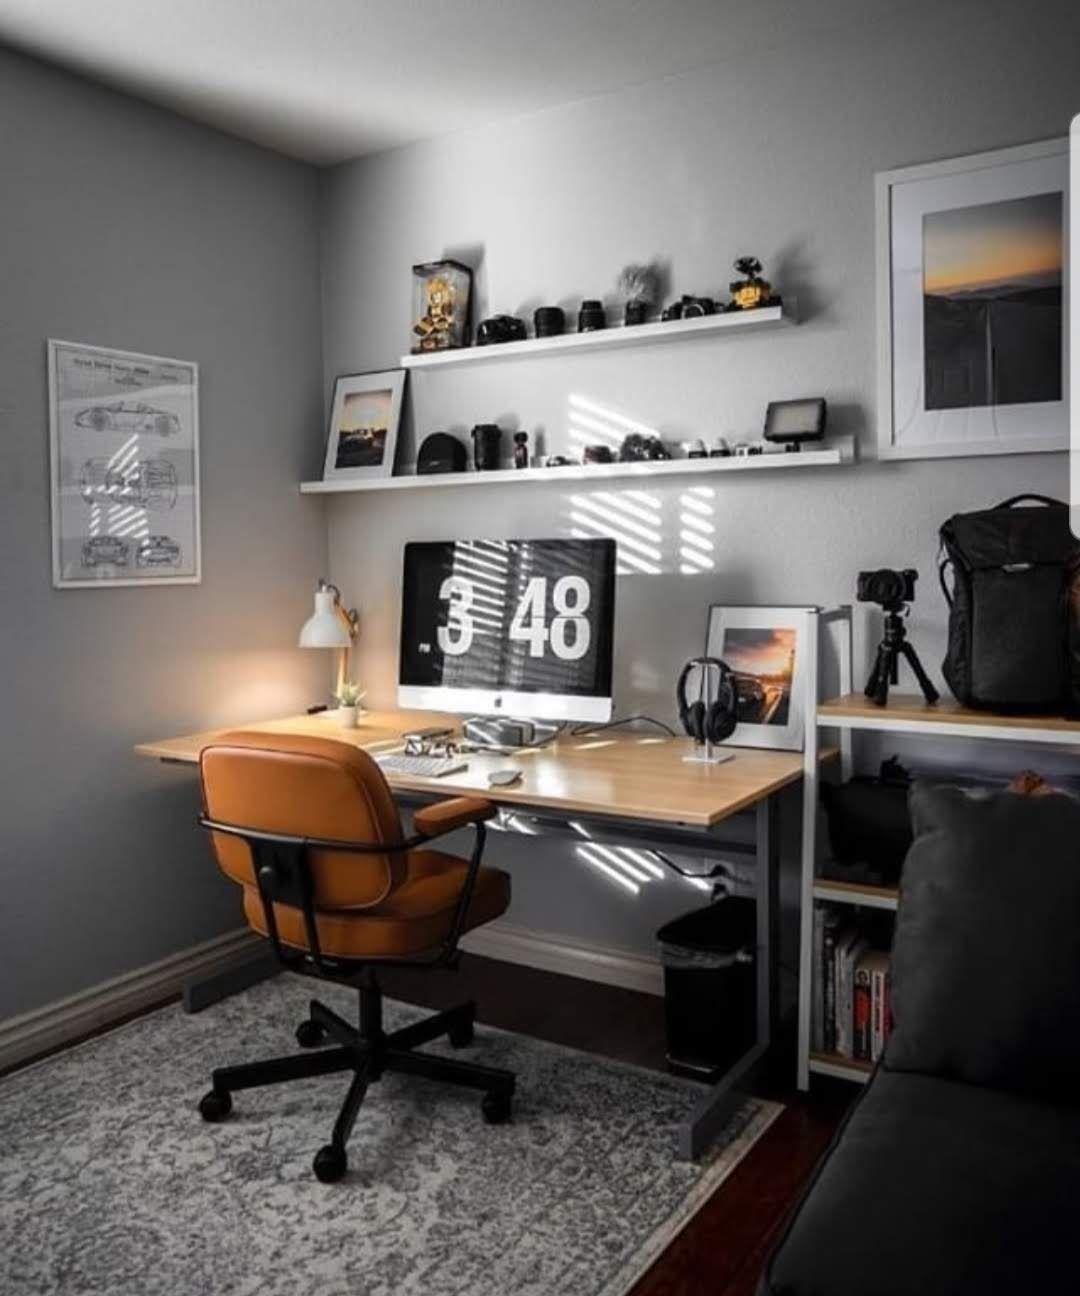 Minimalist Homeoffice Design: .Workspace . . .Via : @designyourworkspace